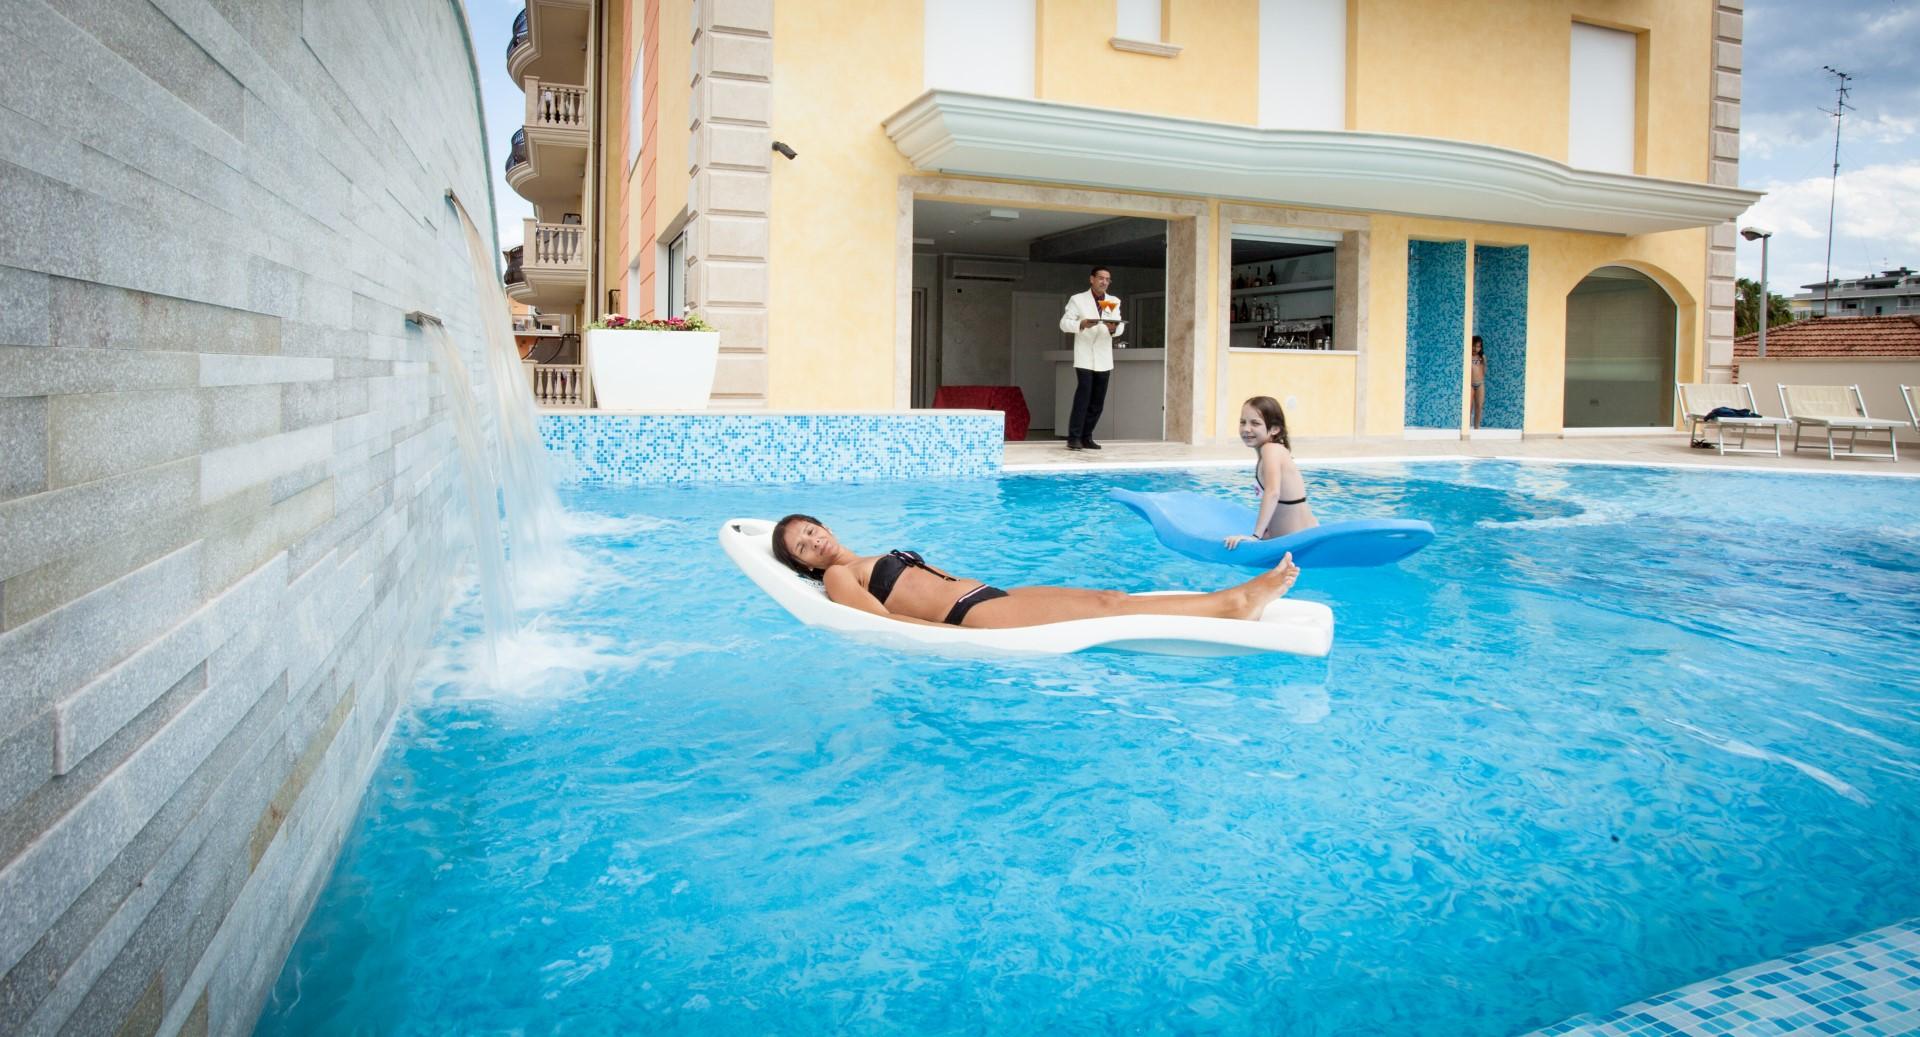 hotel piscina alba adriatica